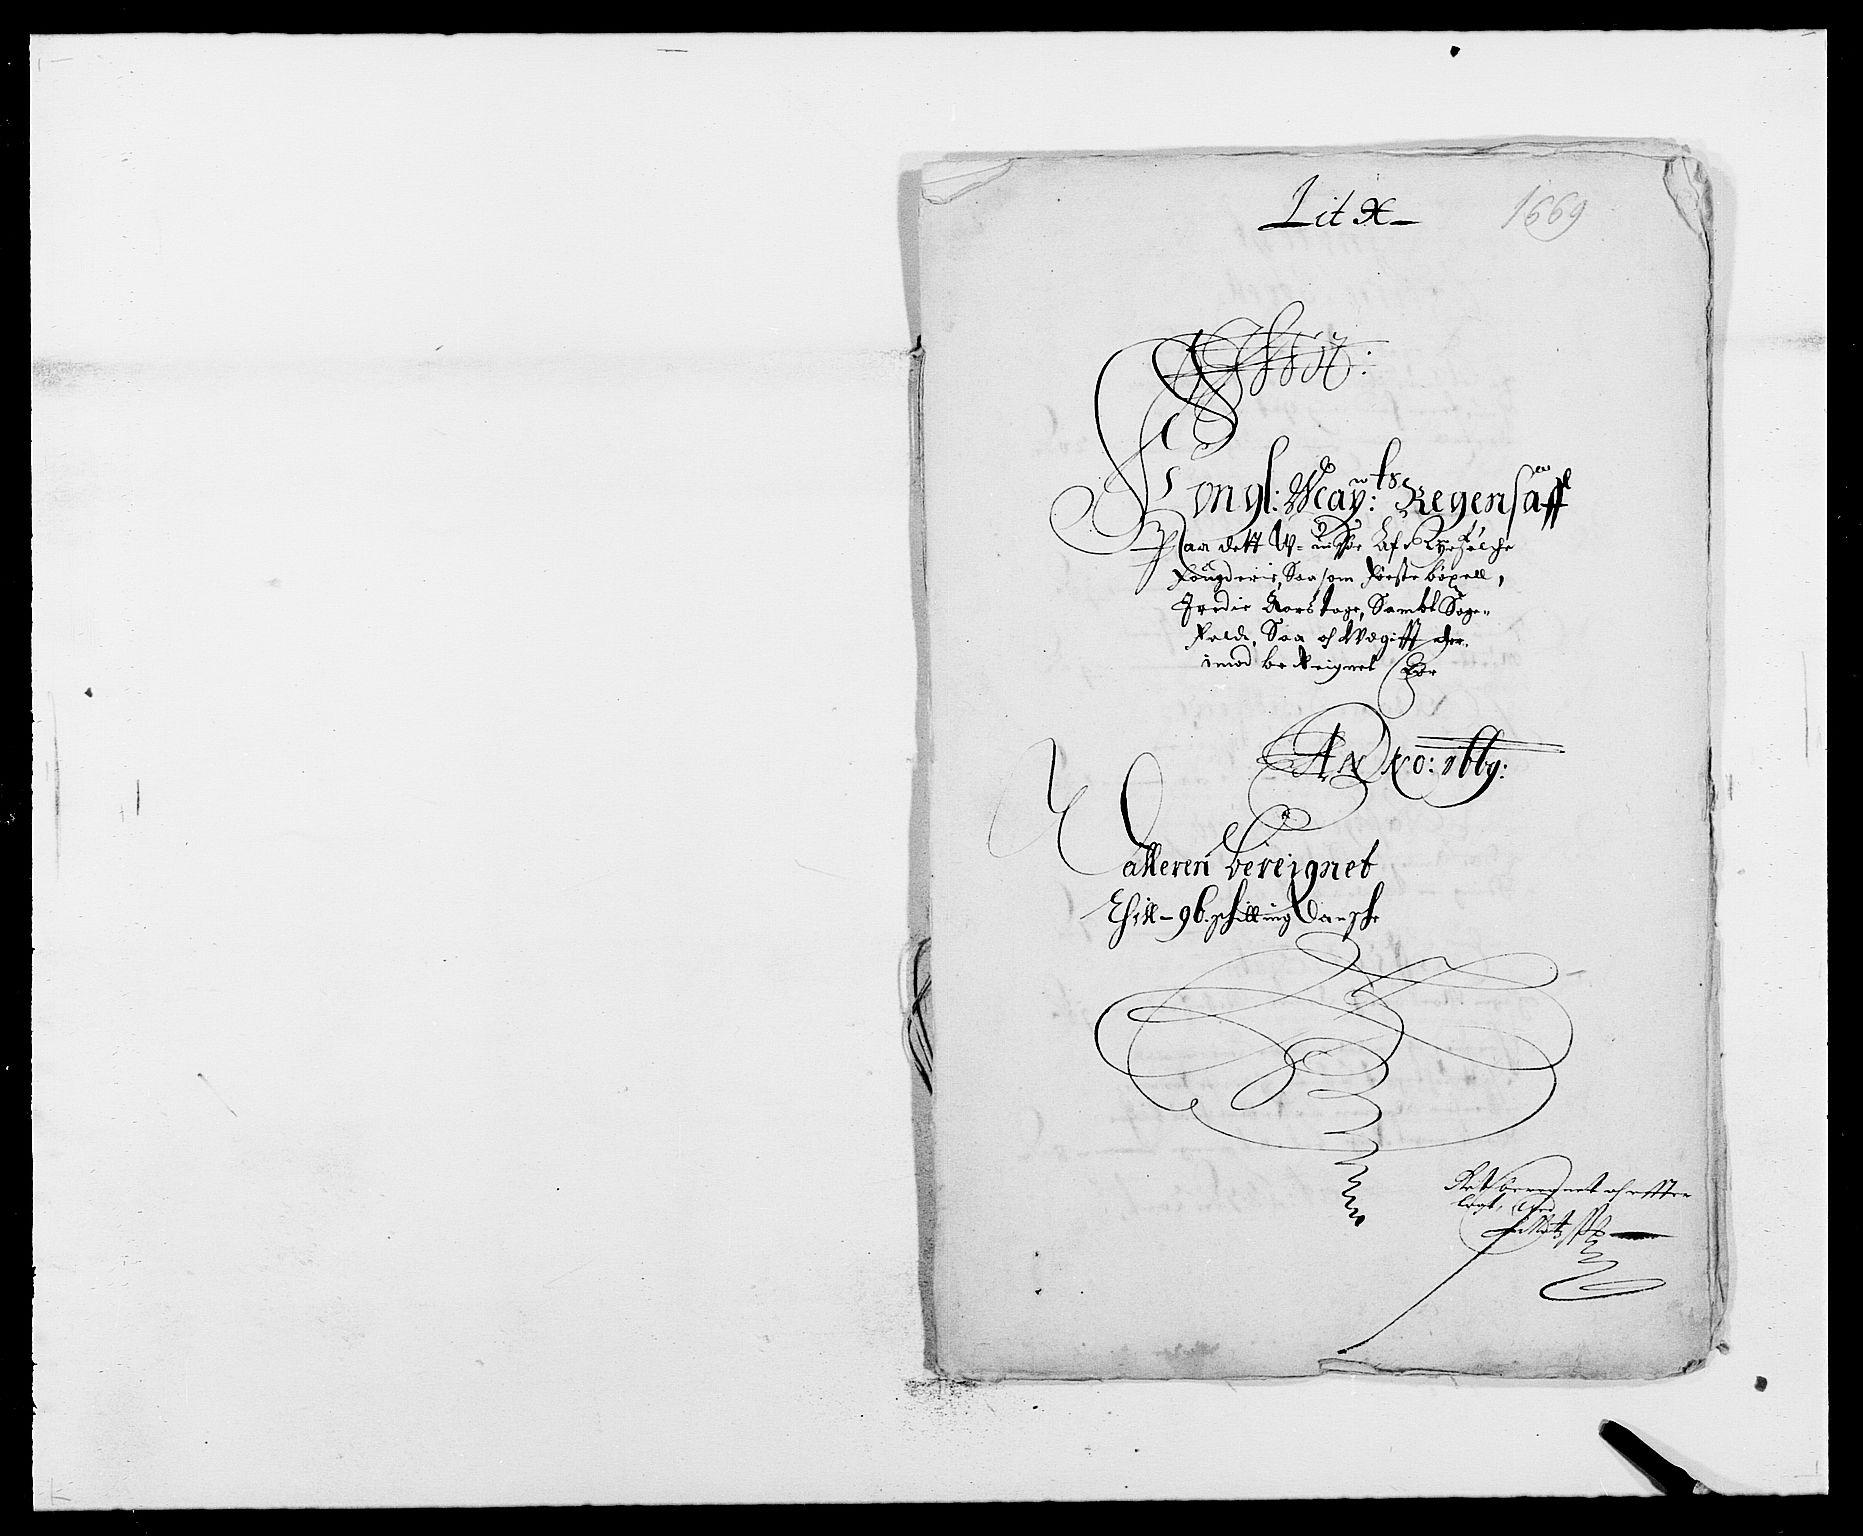 RA, Rentekammeret inntil 1814, Reviderte regnskaper, Fogderegnskap, R47/L2842: Fogderegnskap Ryfylke, 1665-1669, s. 160